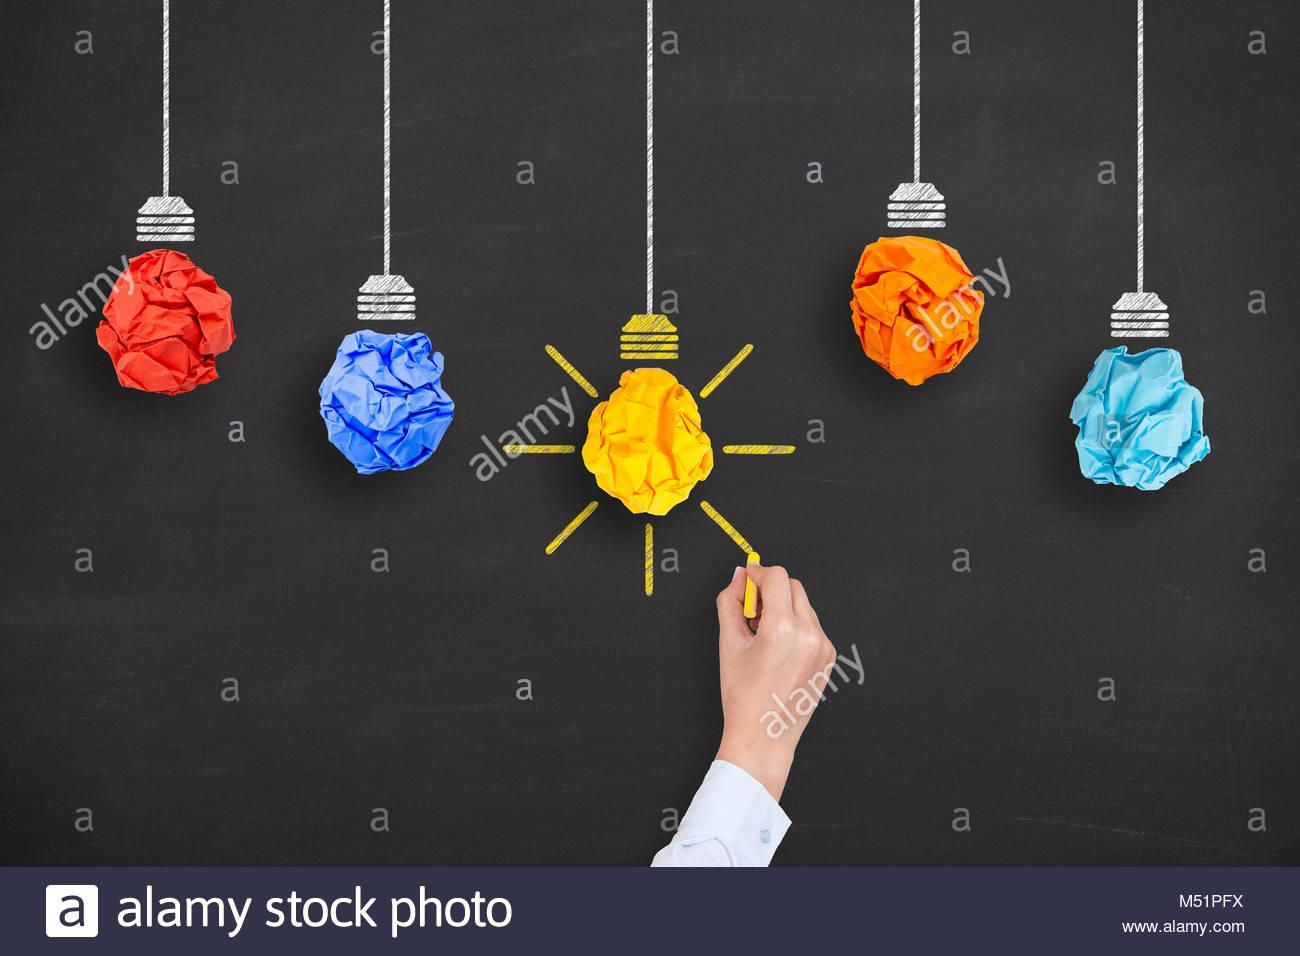 Idee-Konzept-Glühbirne zerknittertes Papier auf Tafel Stockbild